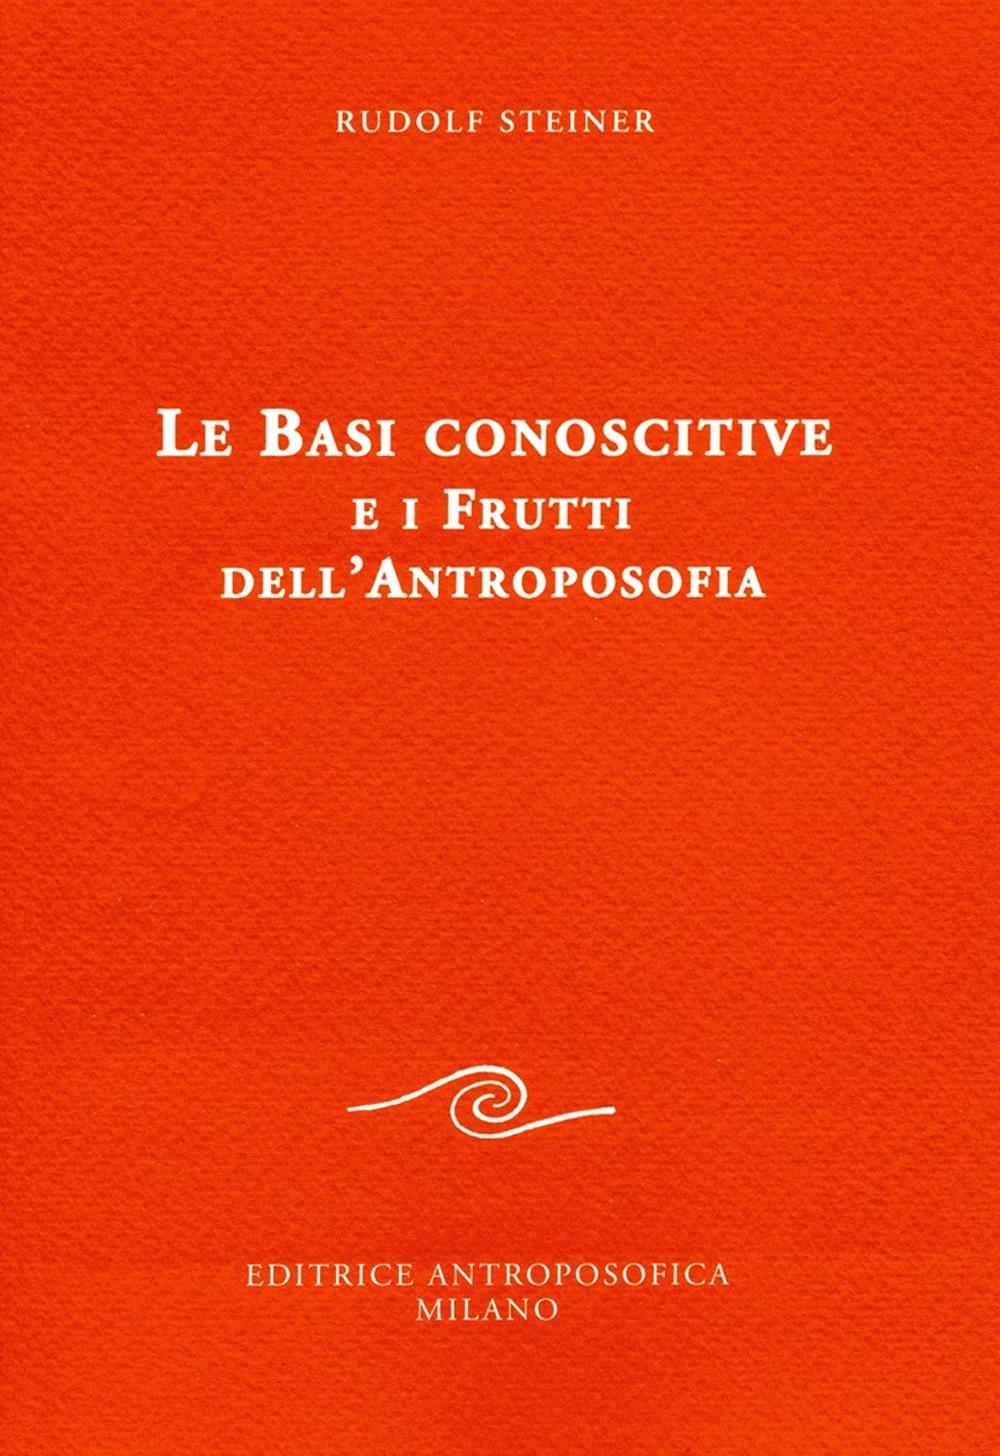 Le basi conoscitive e i frutti dell'antroposofia